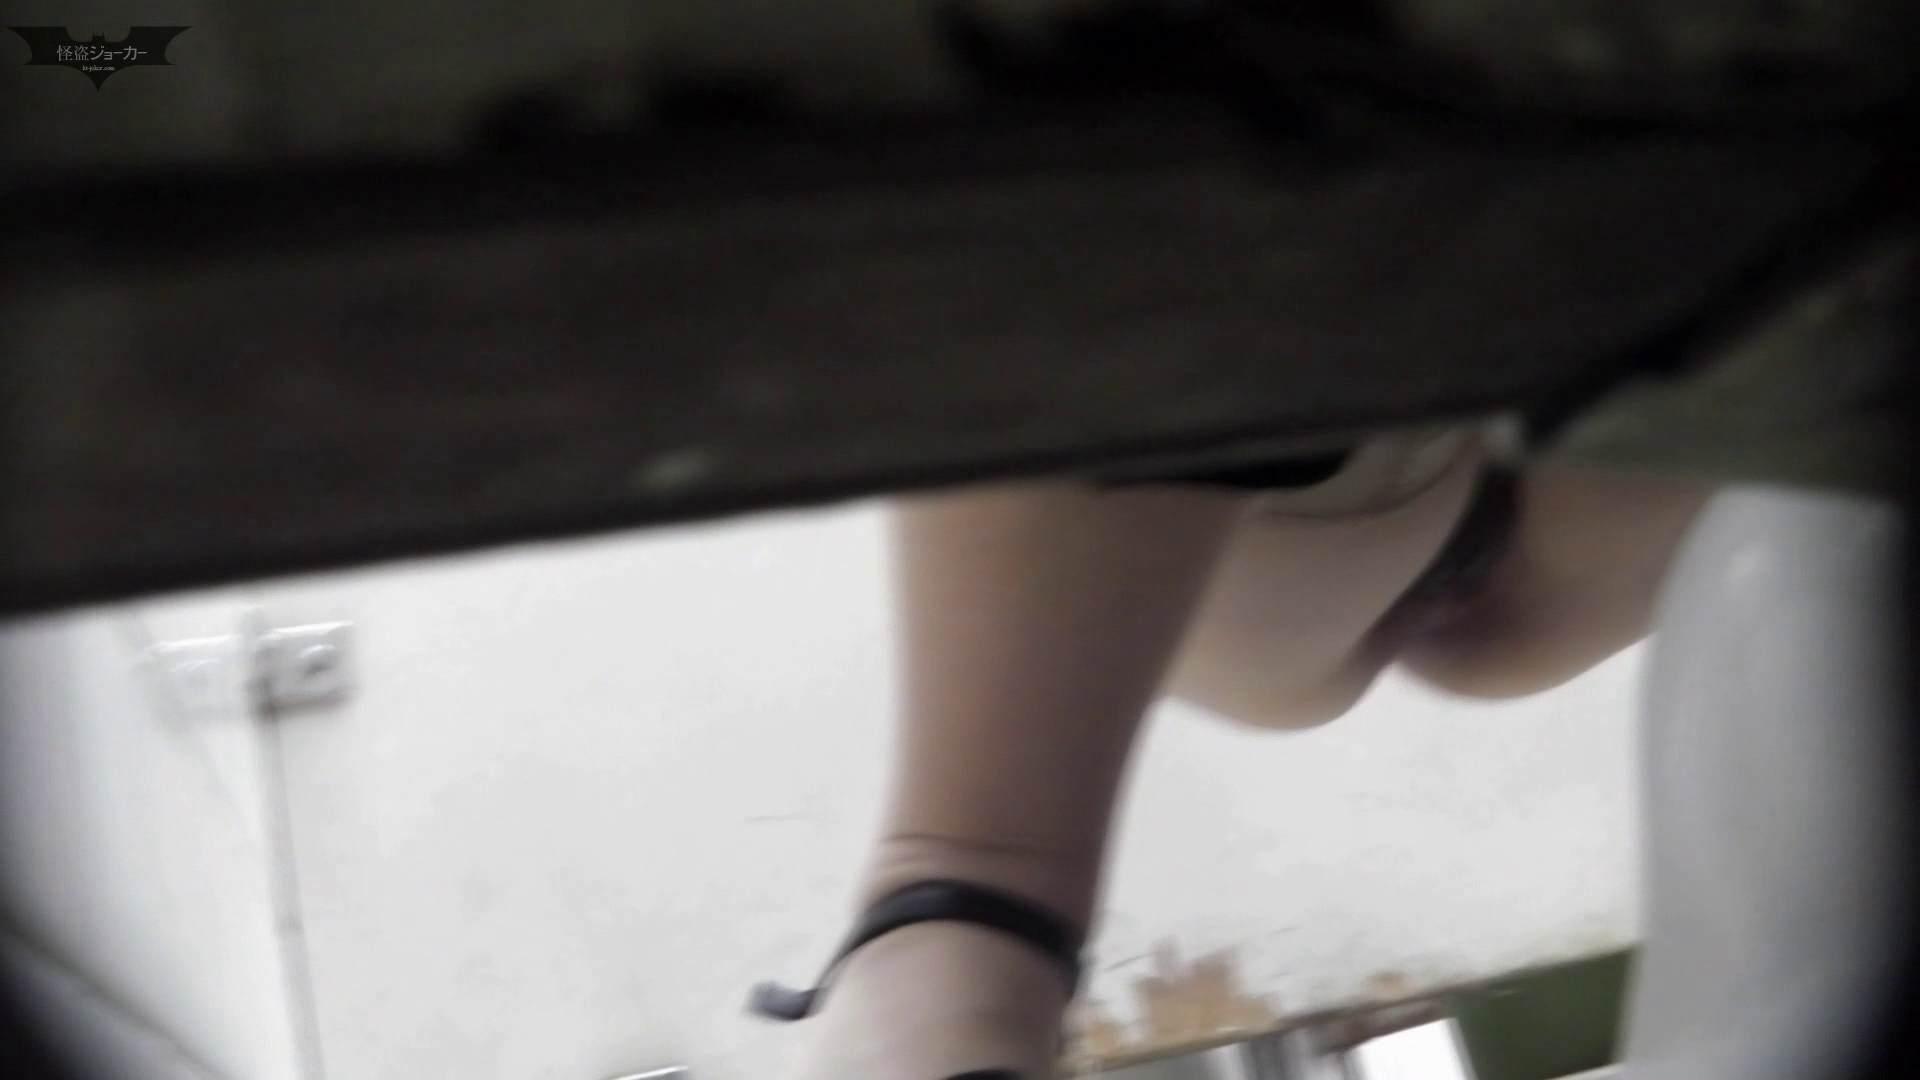 洗面所特攻隊 vol.58驚異のしまり、【2015・25位】 HなOL セックス画像 113pic 23